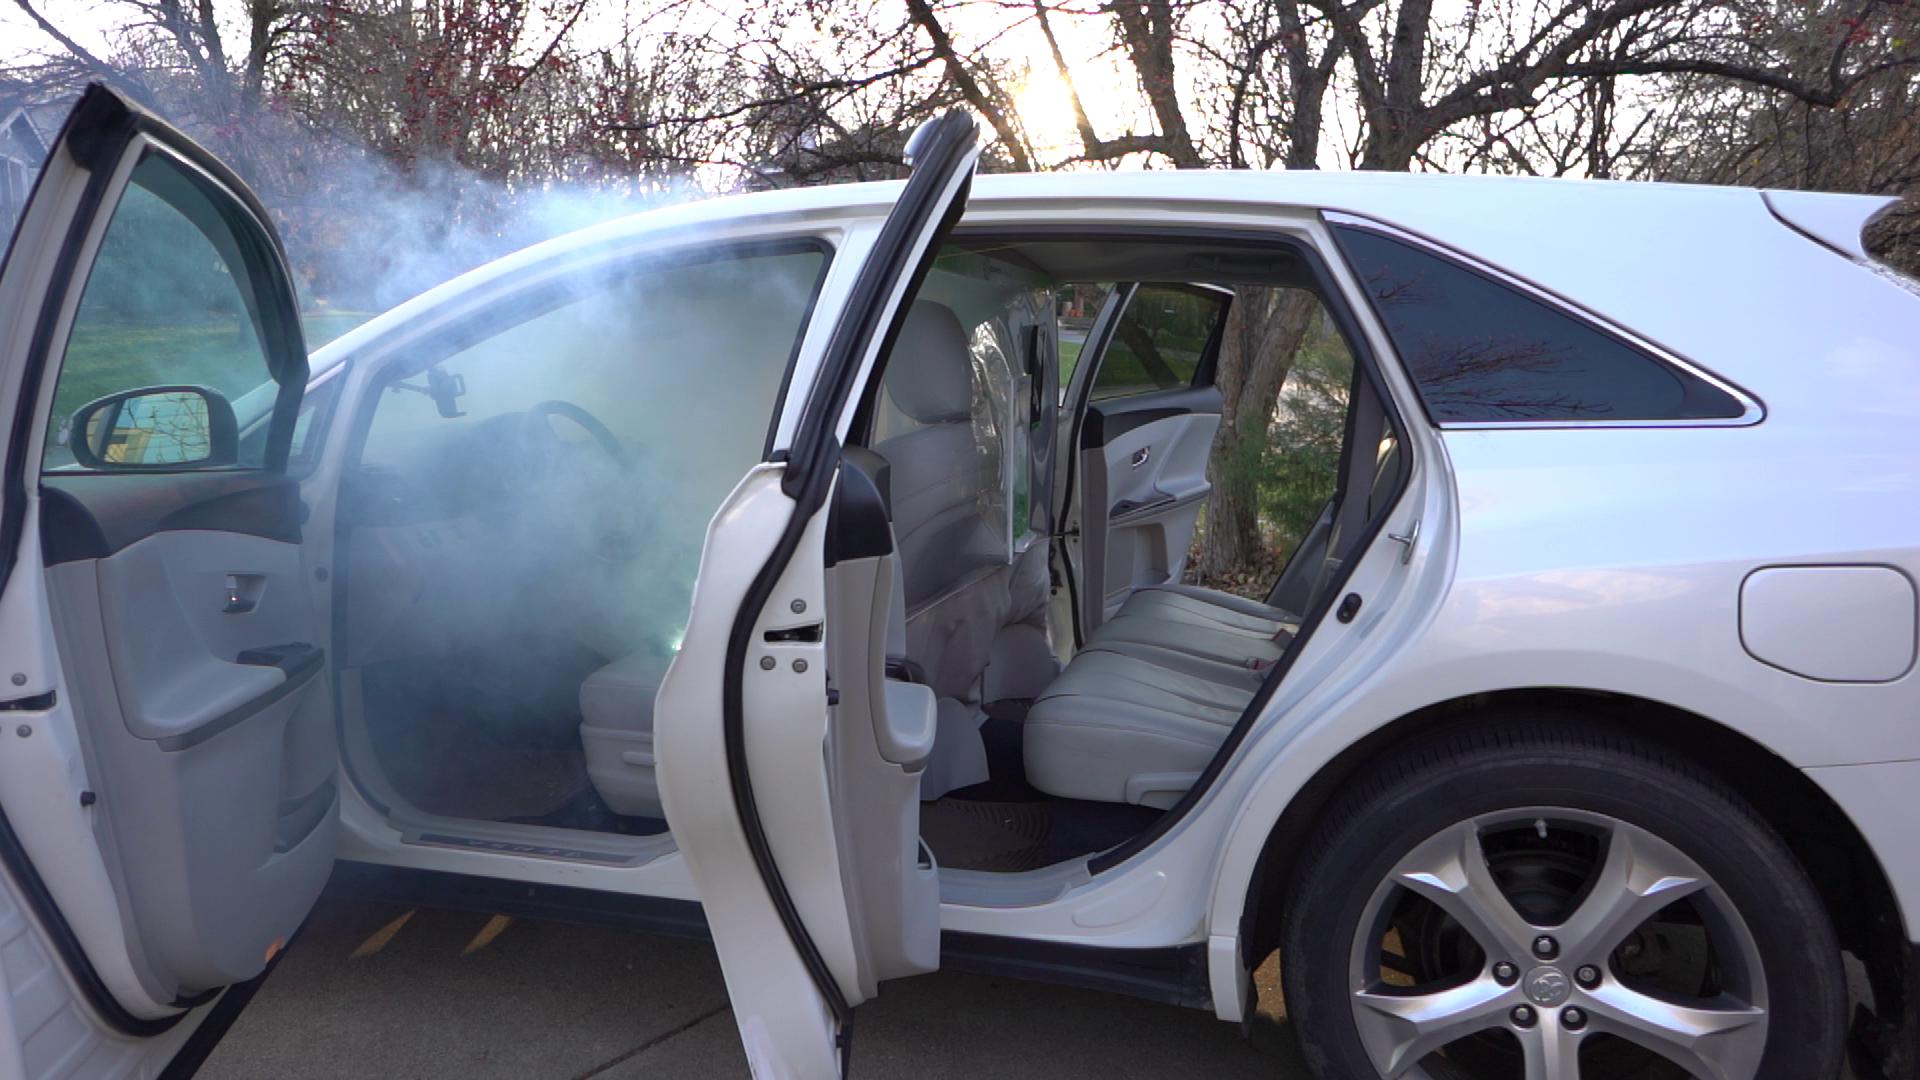 Venza Smoke Test